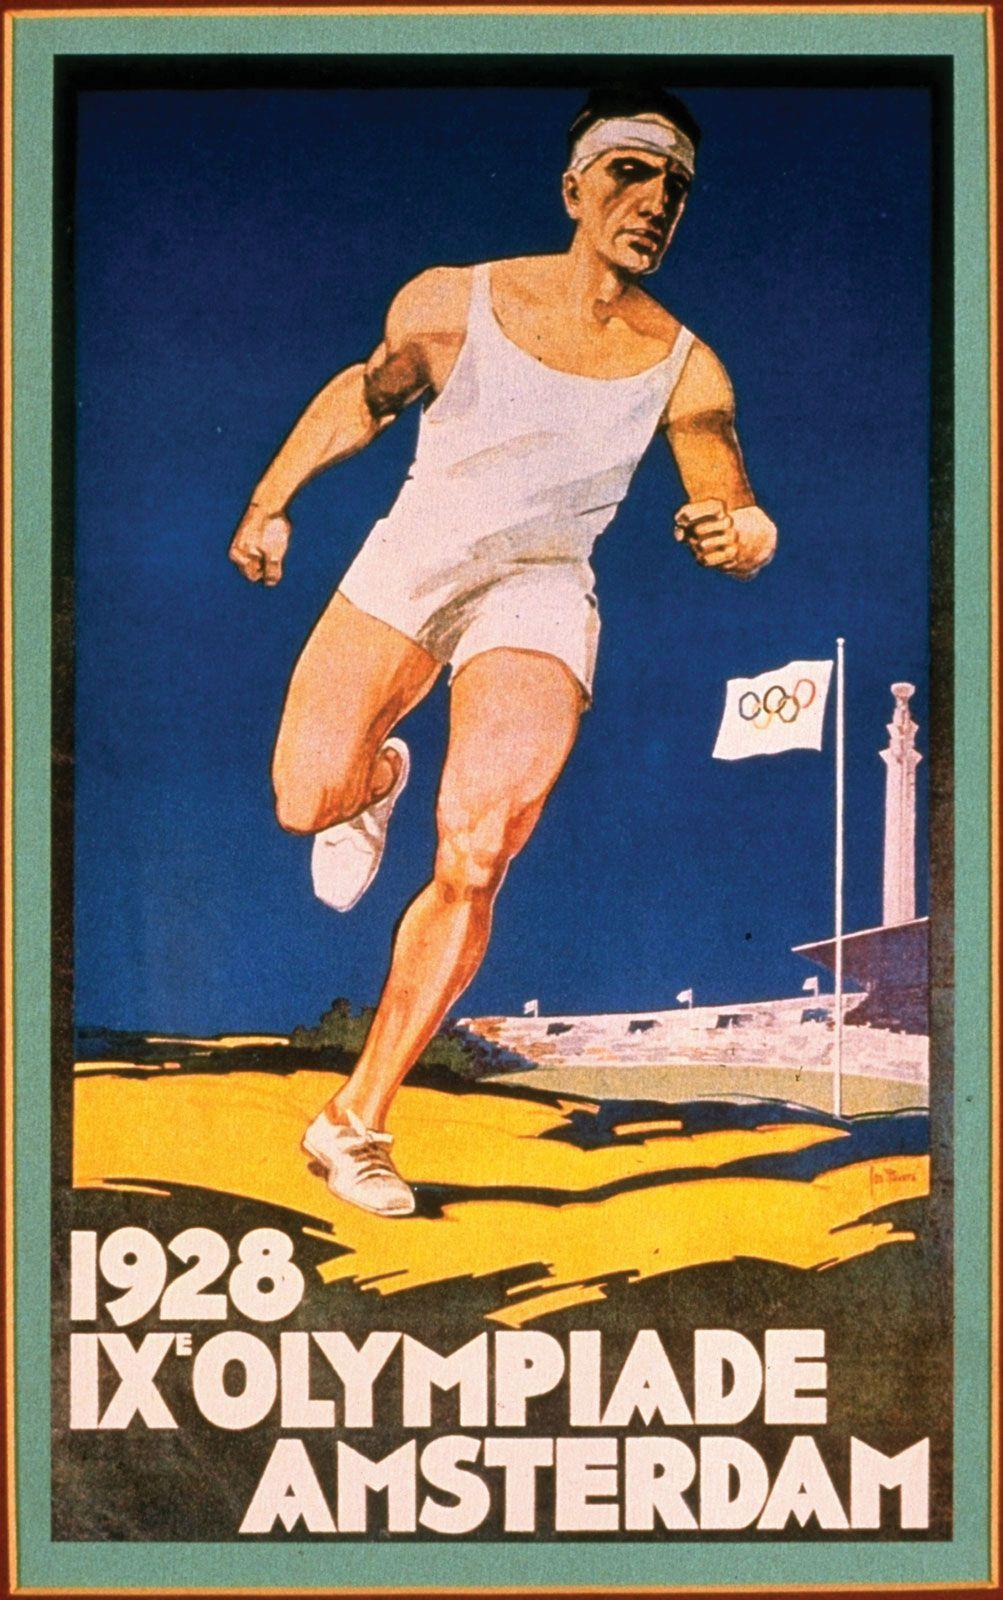 Αποτέλεσμα εικόνας για poster olympics 1928